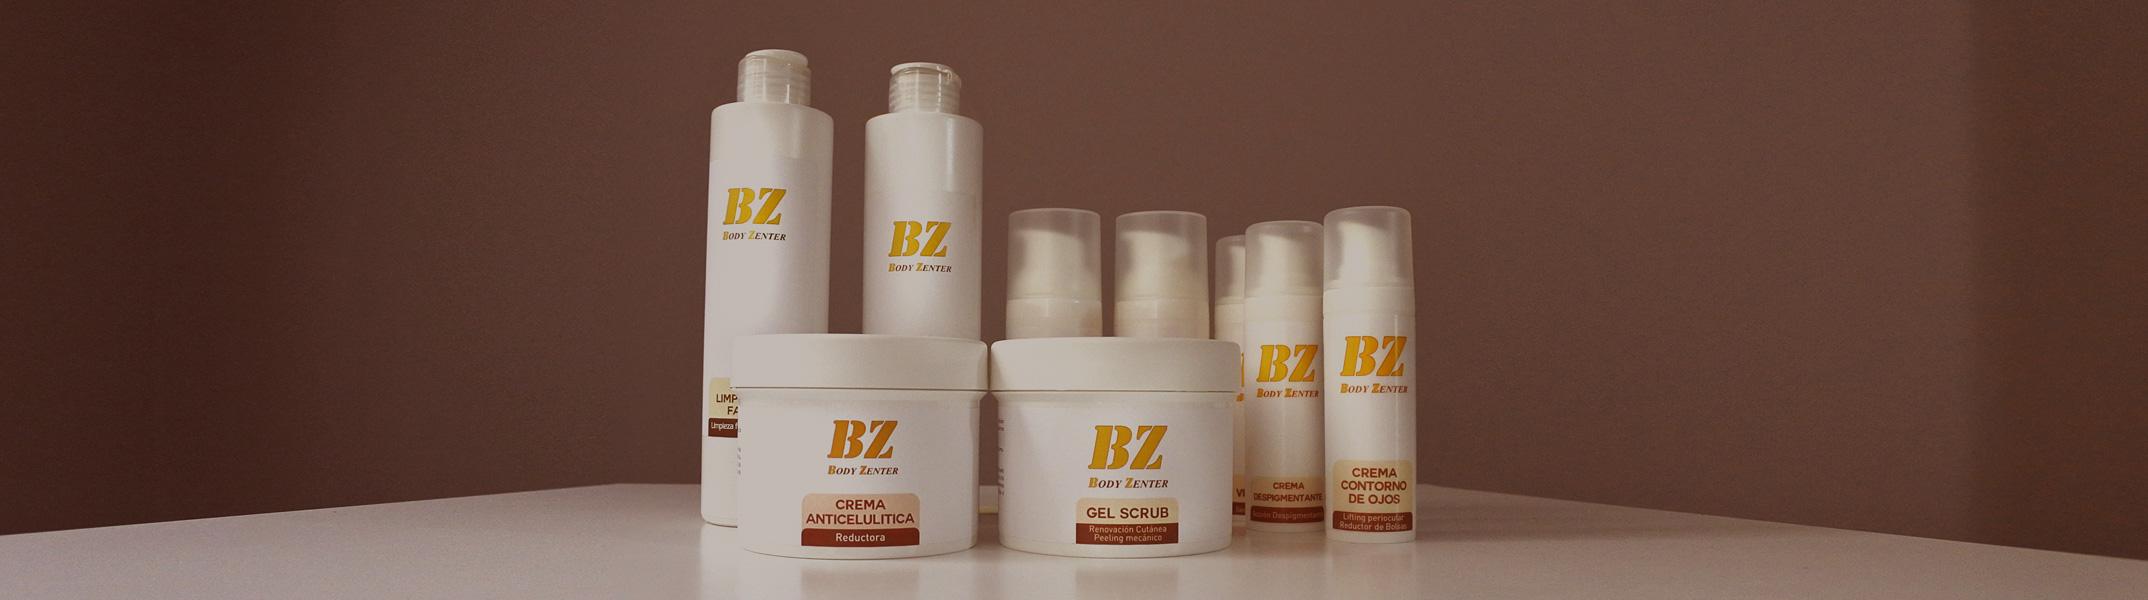 Productos de Cuidado y Belleza Body Zenter